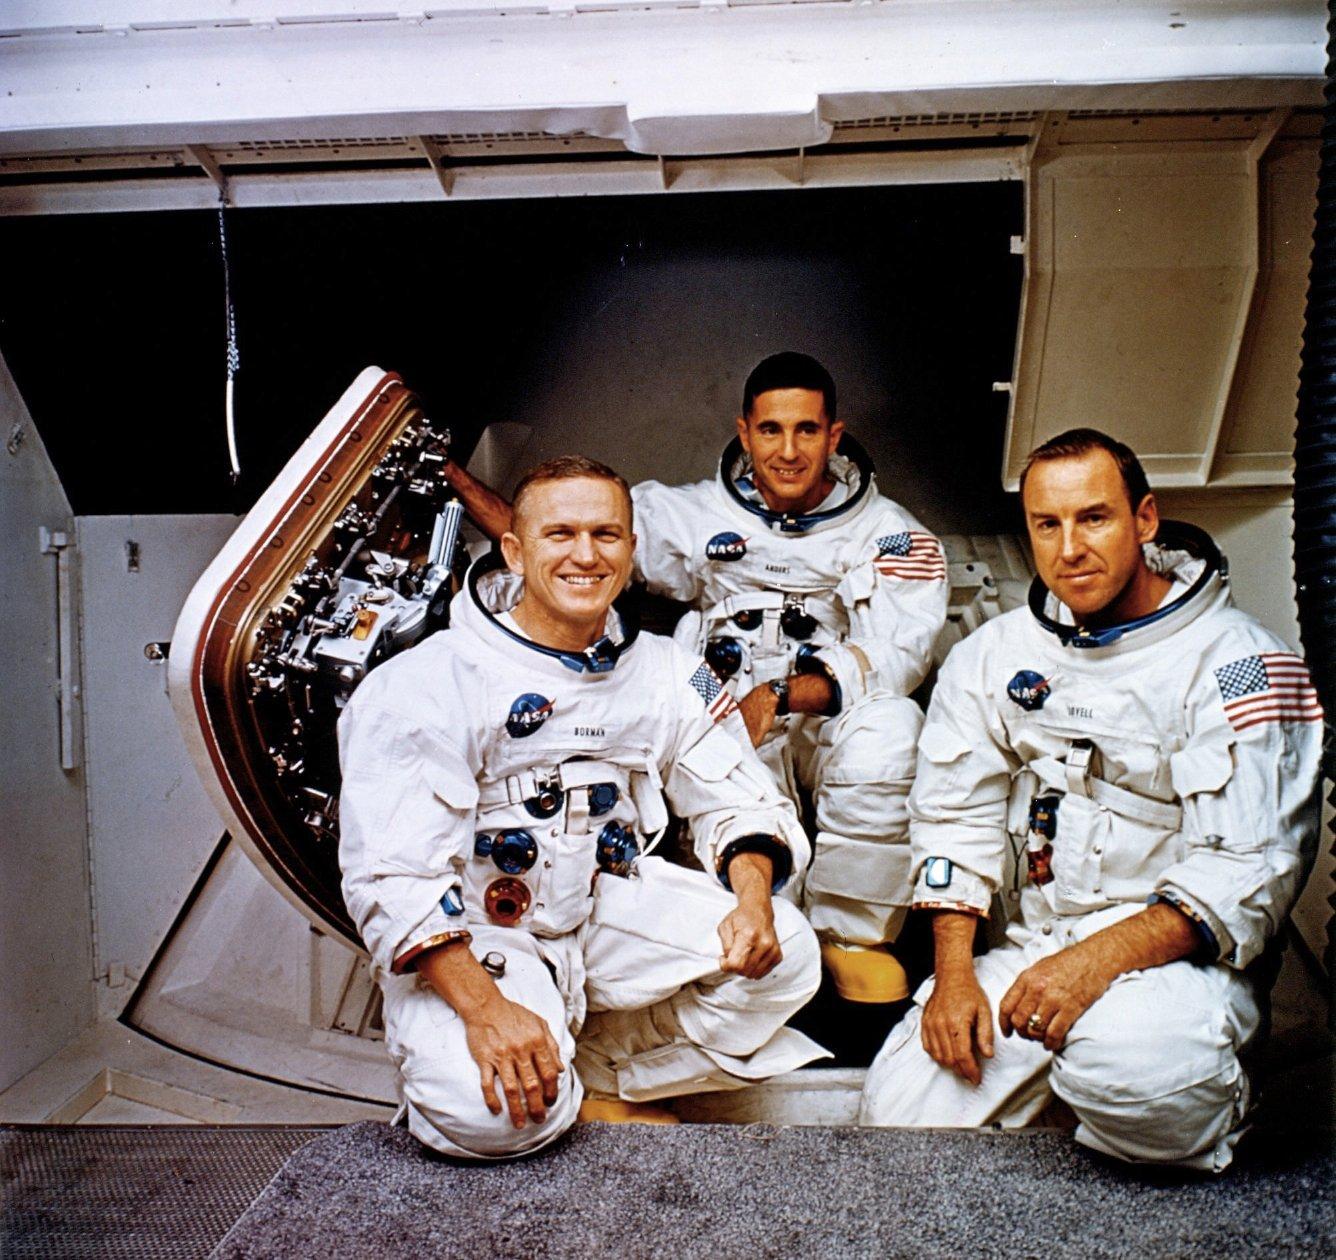 فرانك بورمان (على اليسار) فى رحلة أبولو 8 إلى القمر